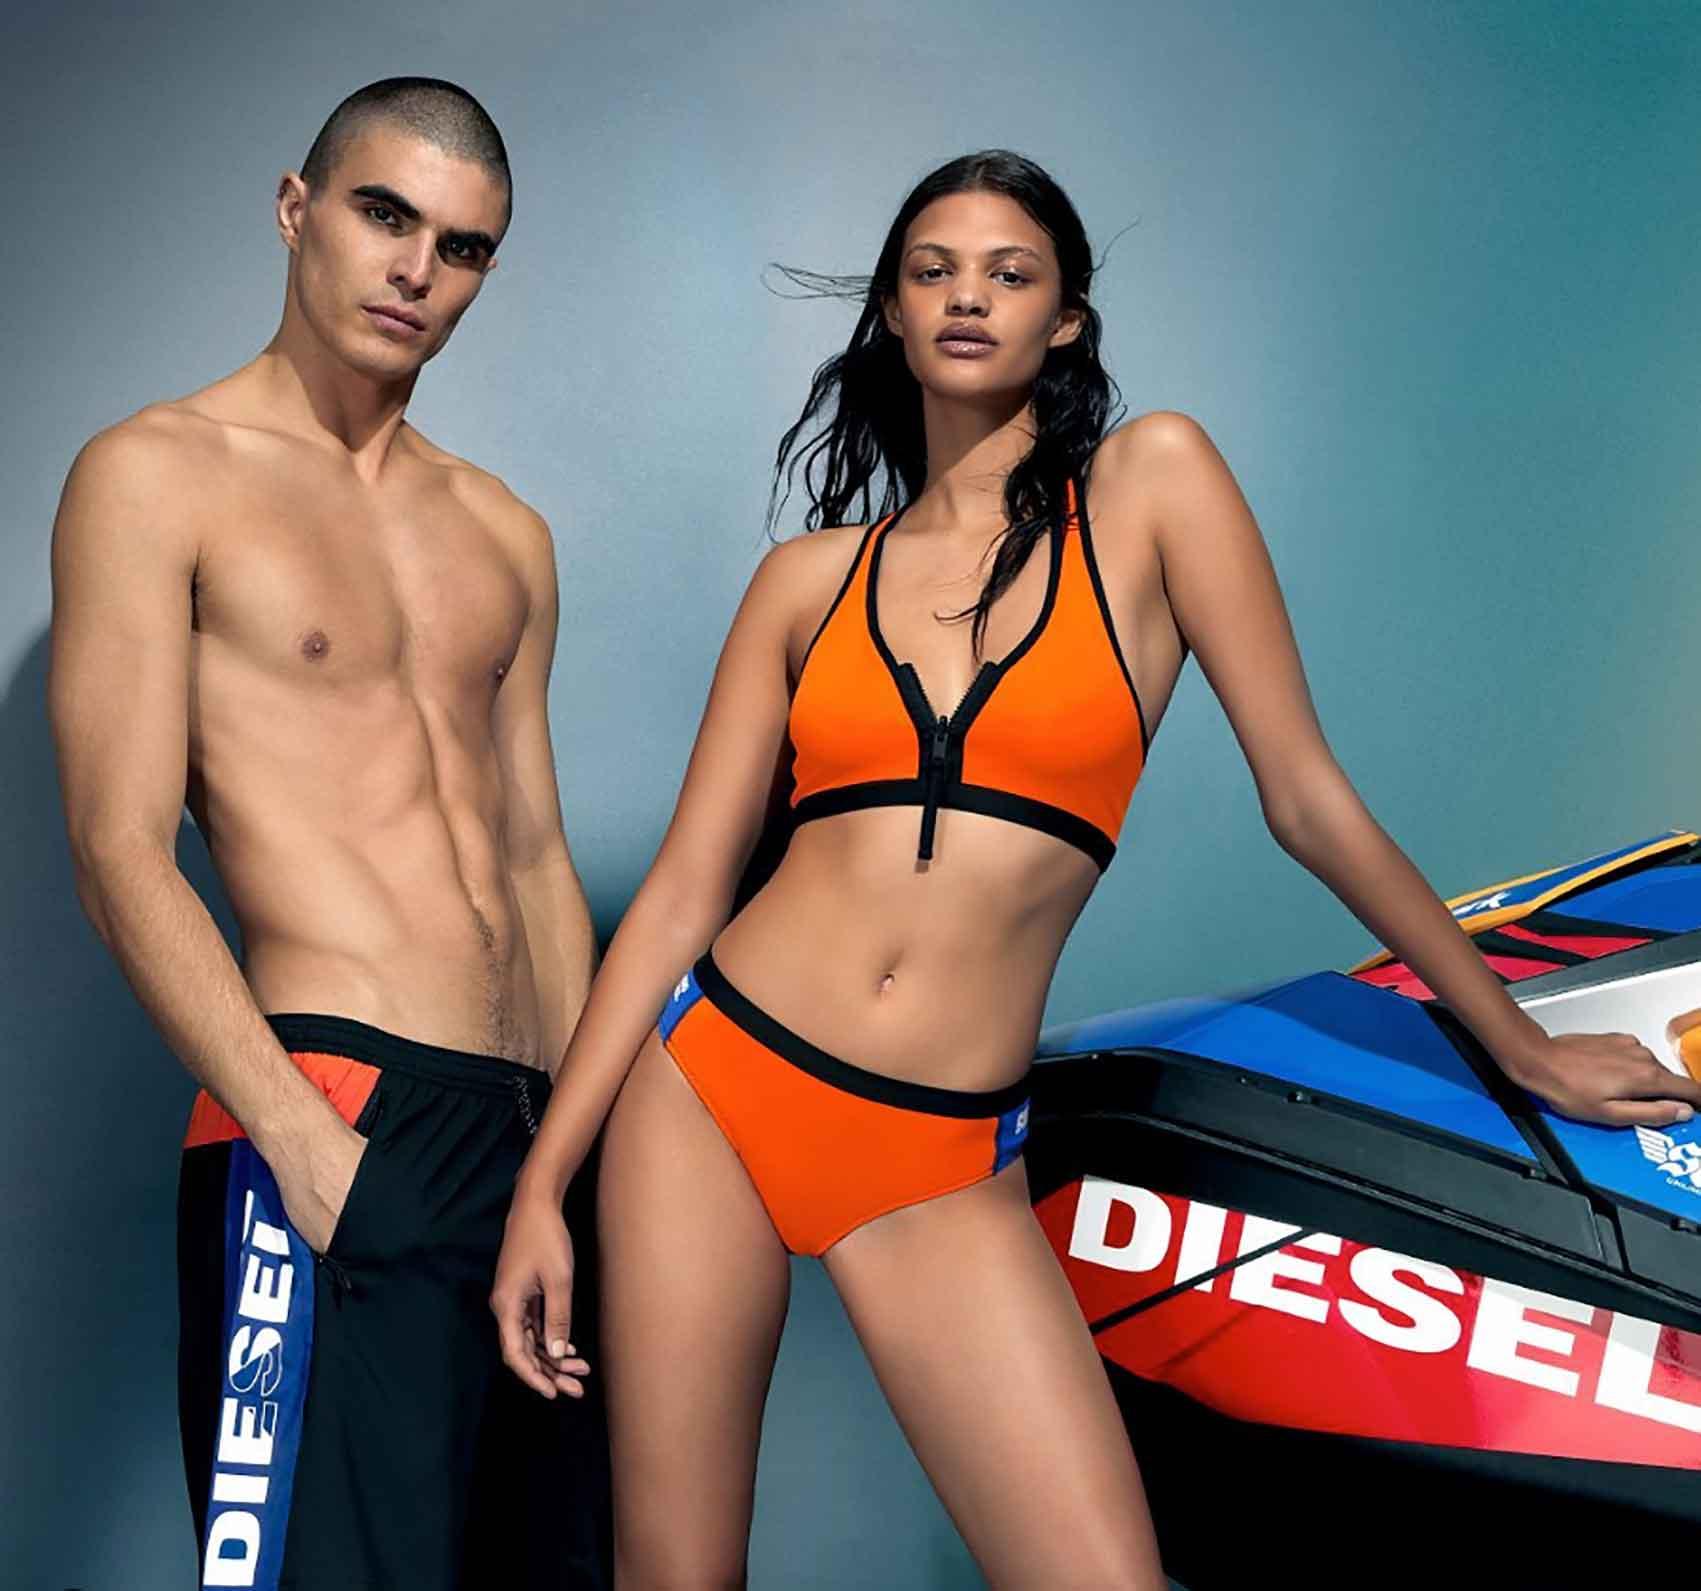 דיזל-אופנה-DIESEL-סטייל-טרנדים-מגזין-אופנה-2